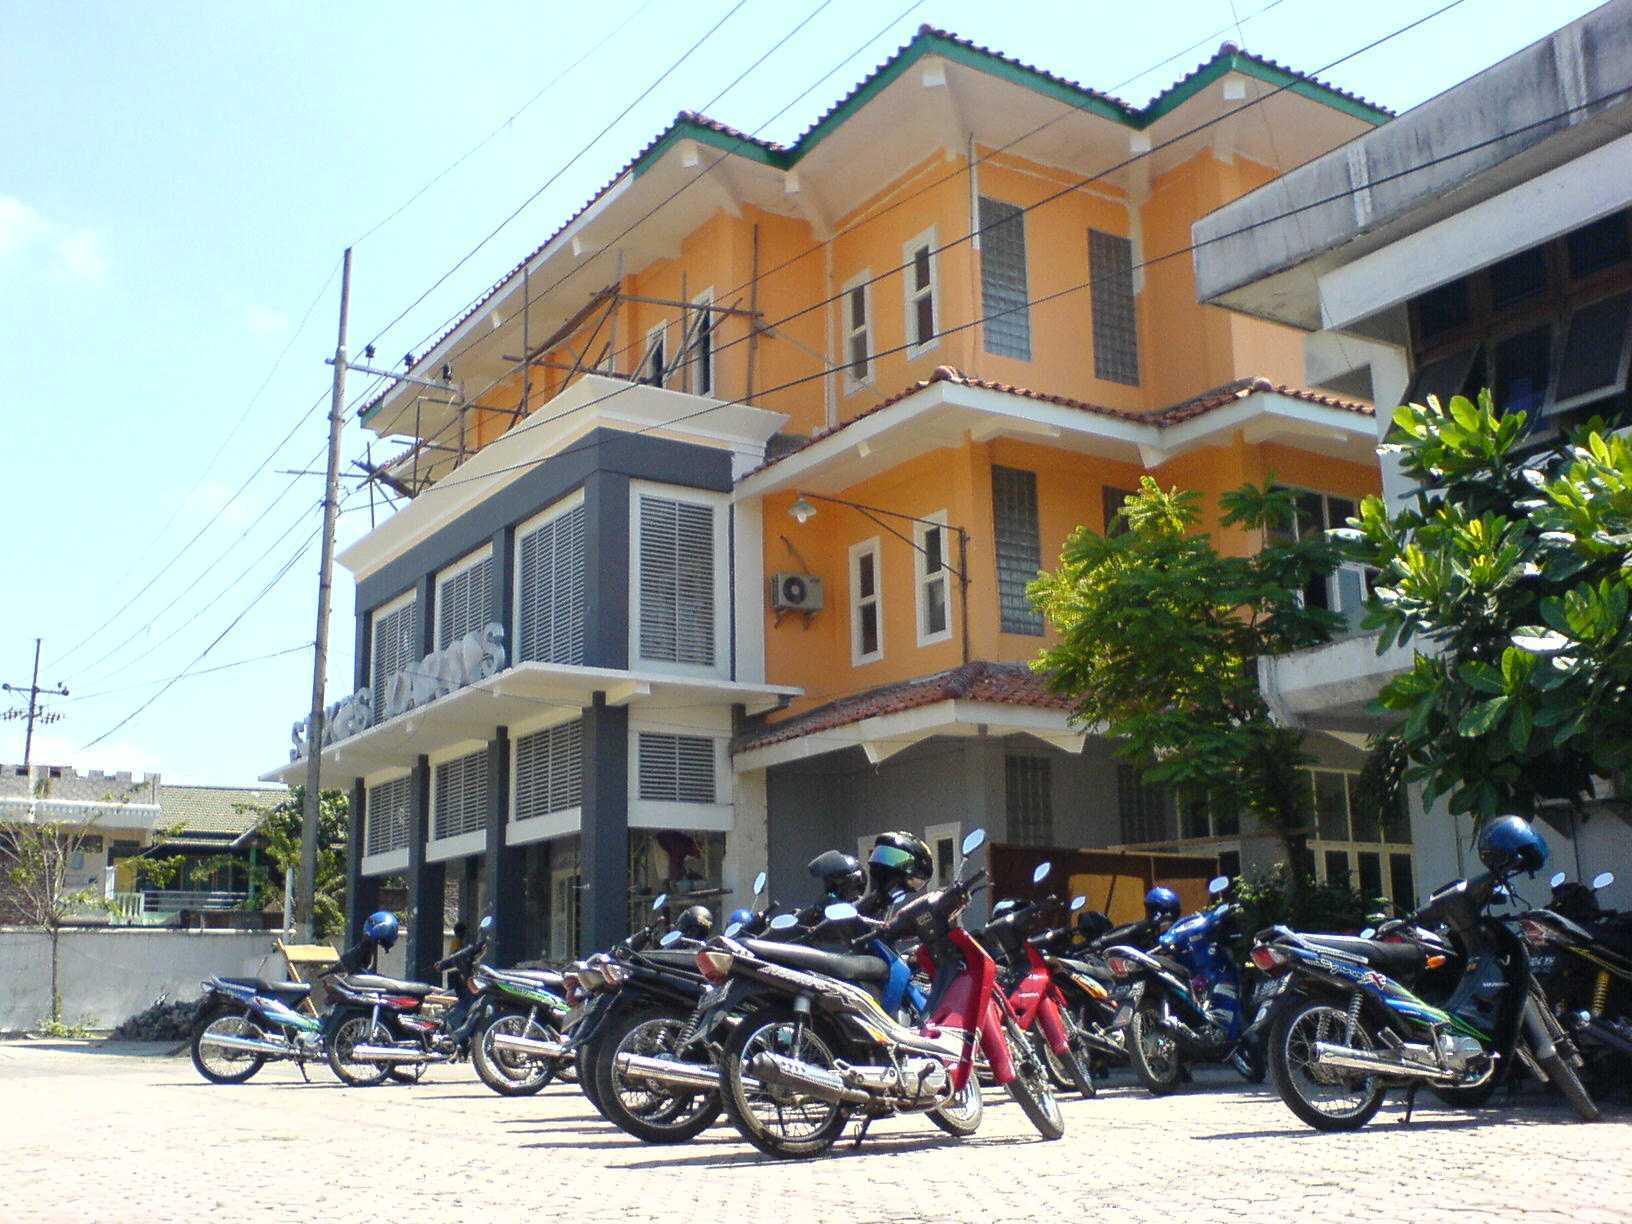 Ega Cipta Pratama Renovasi Gedung Stikes Yarsis Surabaya, Kota Sby, Jawa Timur, Indonesia Surabaya, Kota Sby, Jawa Timur, Indonesia Ega-Cipta-Pratama-Renovasi-Gedung-Stikes-Yarsis  55487